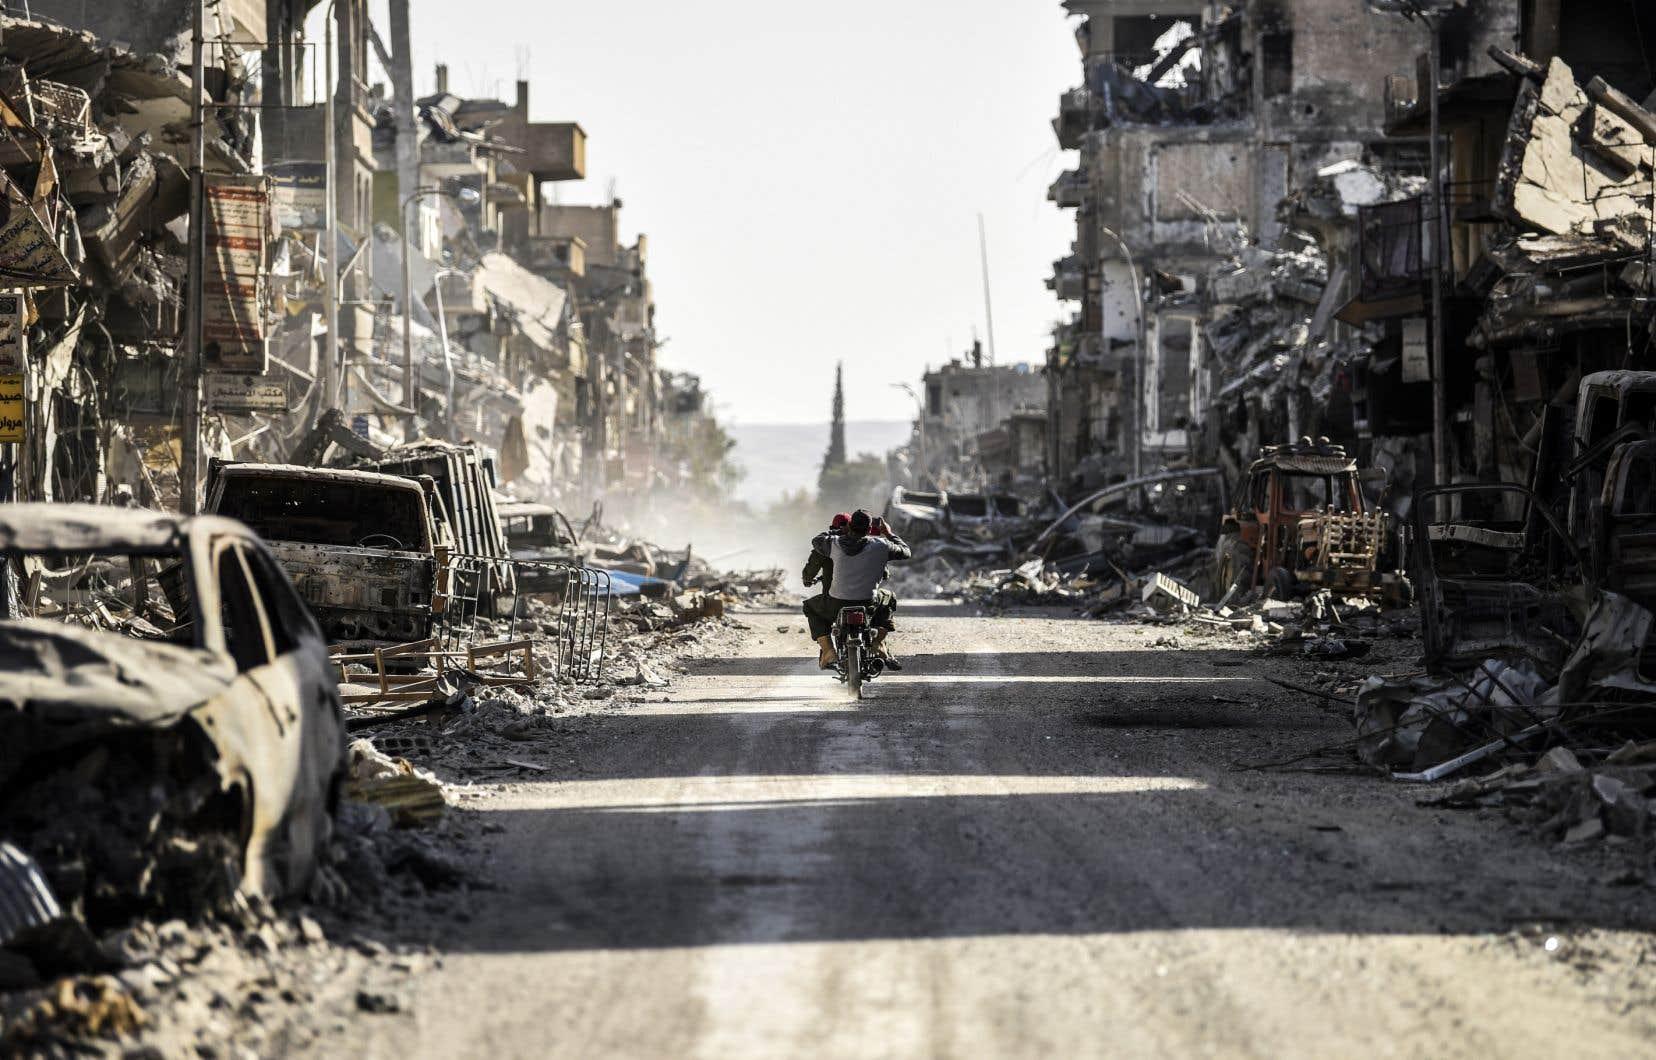 Le conflit, sans merci pour les civils, a jeté sur la route de l'exil une grande partie de la population du pays.